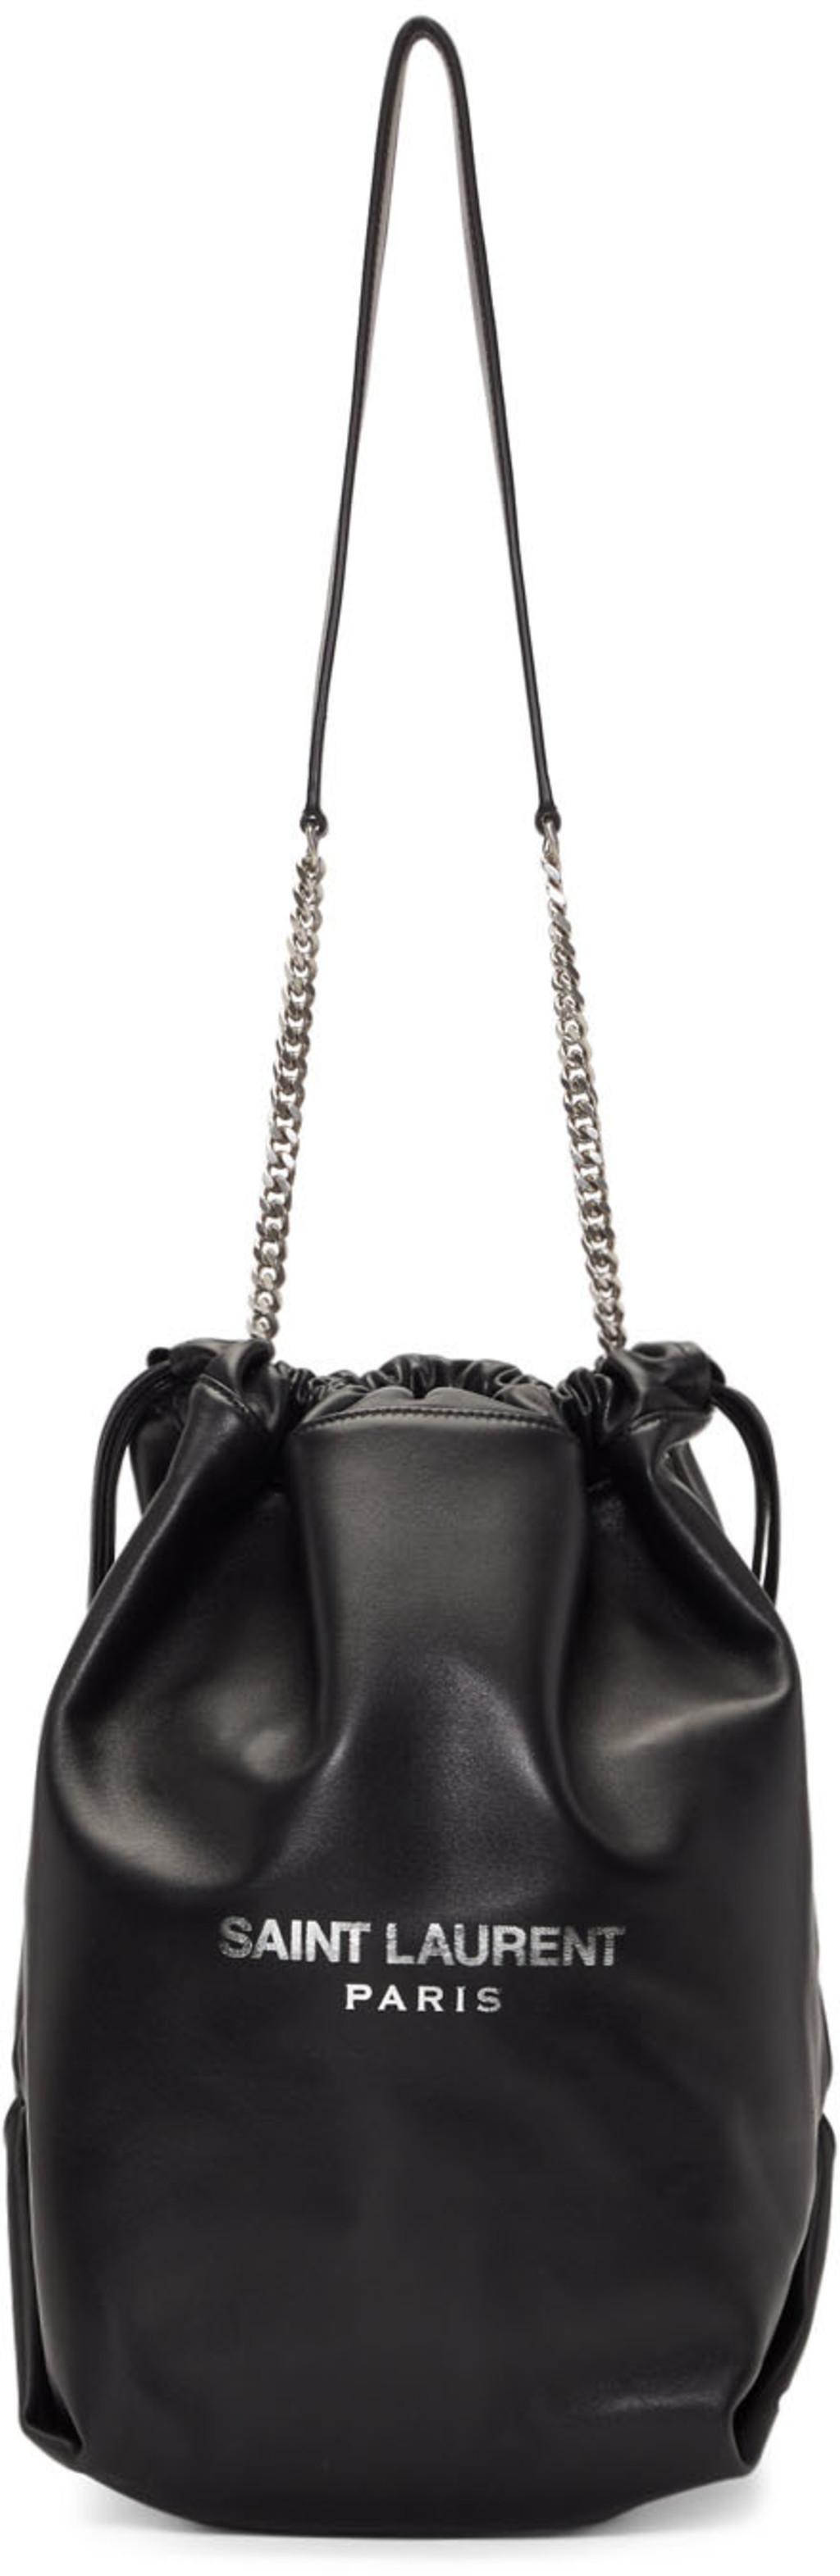 Saint Laurent shoulder bags for Women   SSENSE fc88106943